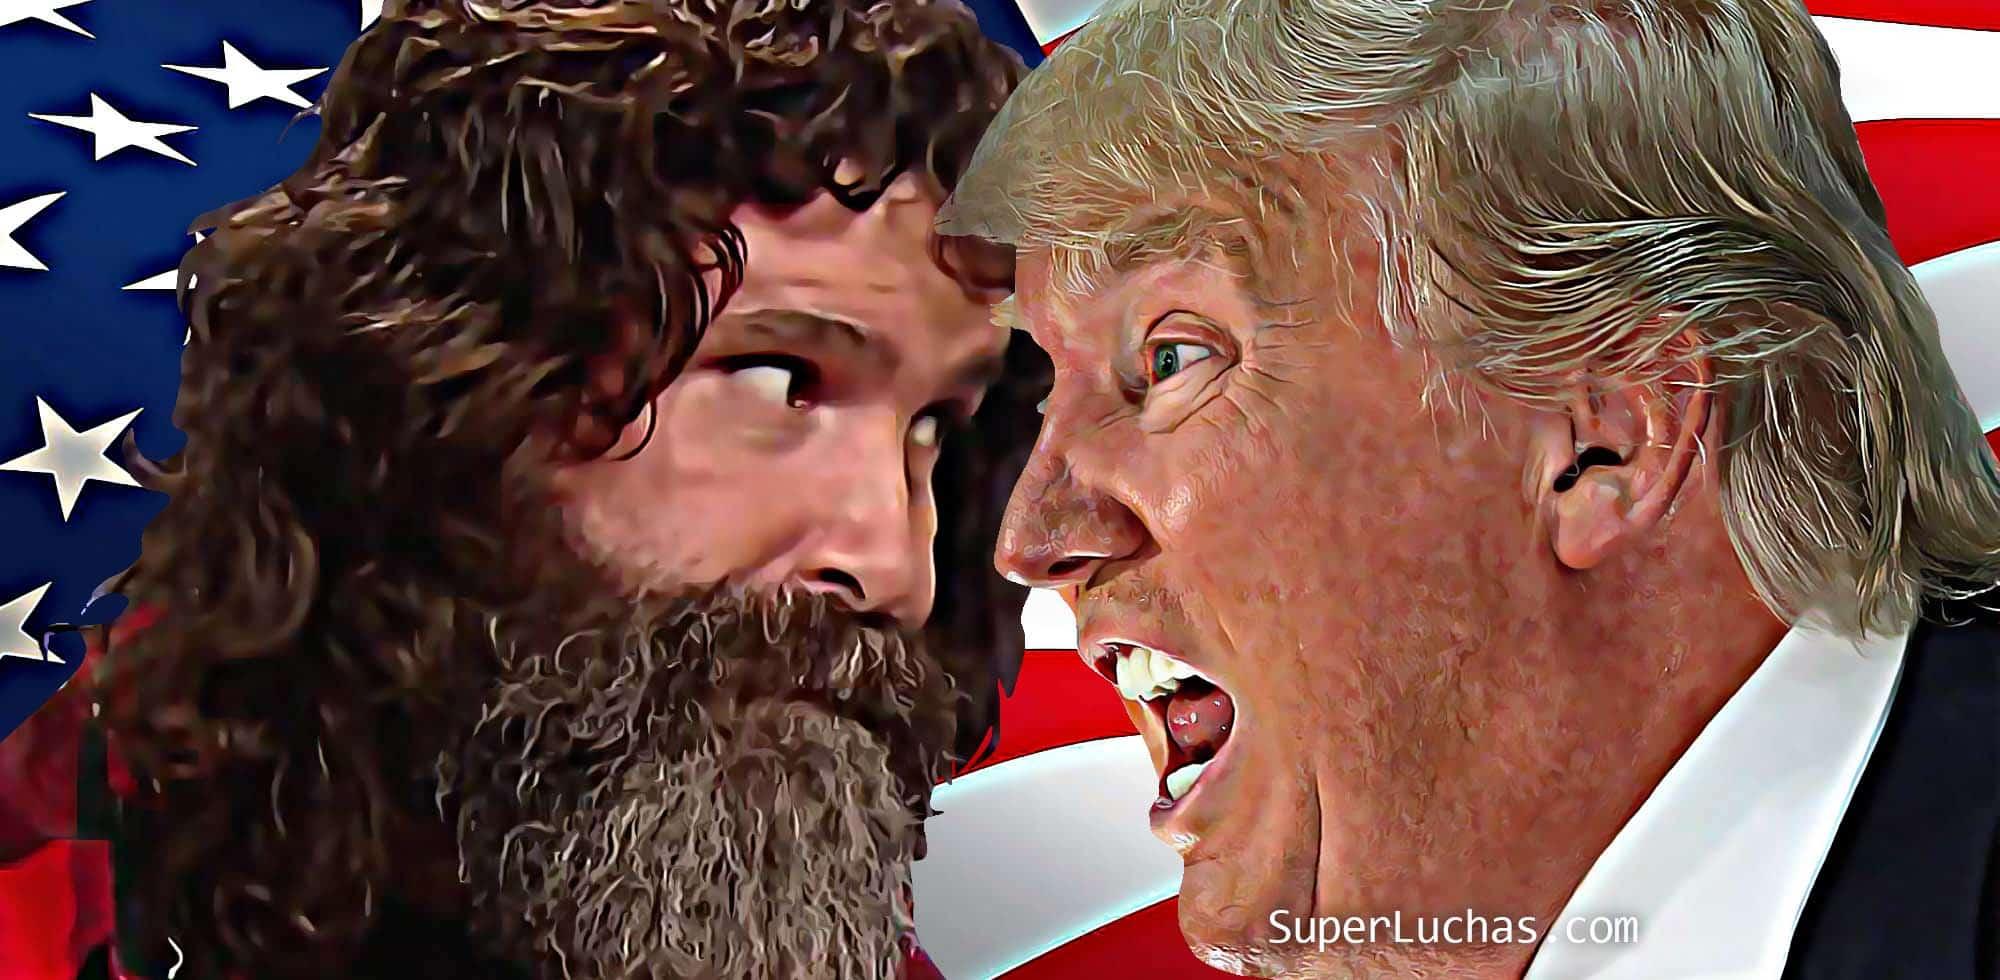 Mick Foley muestra su preocupación por Donald Trump. Steph McMahon y Triple H felices por el mismo hecho. 8